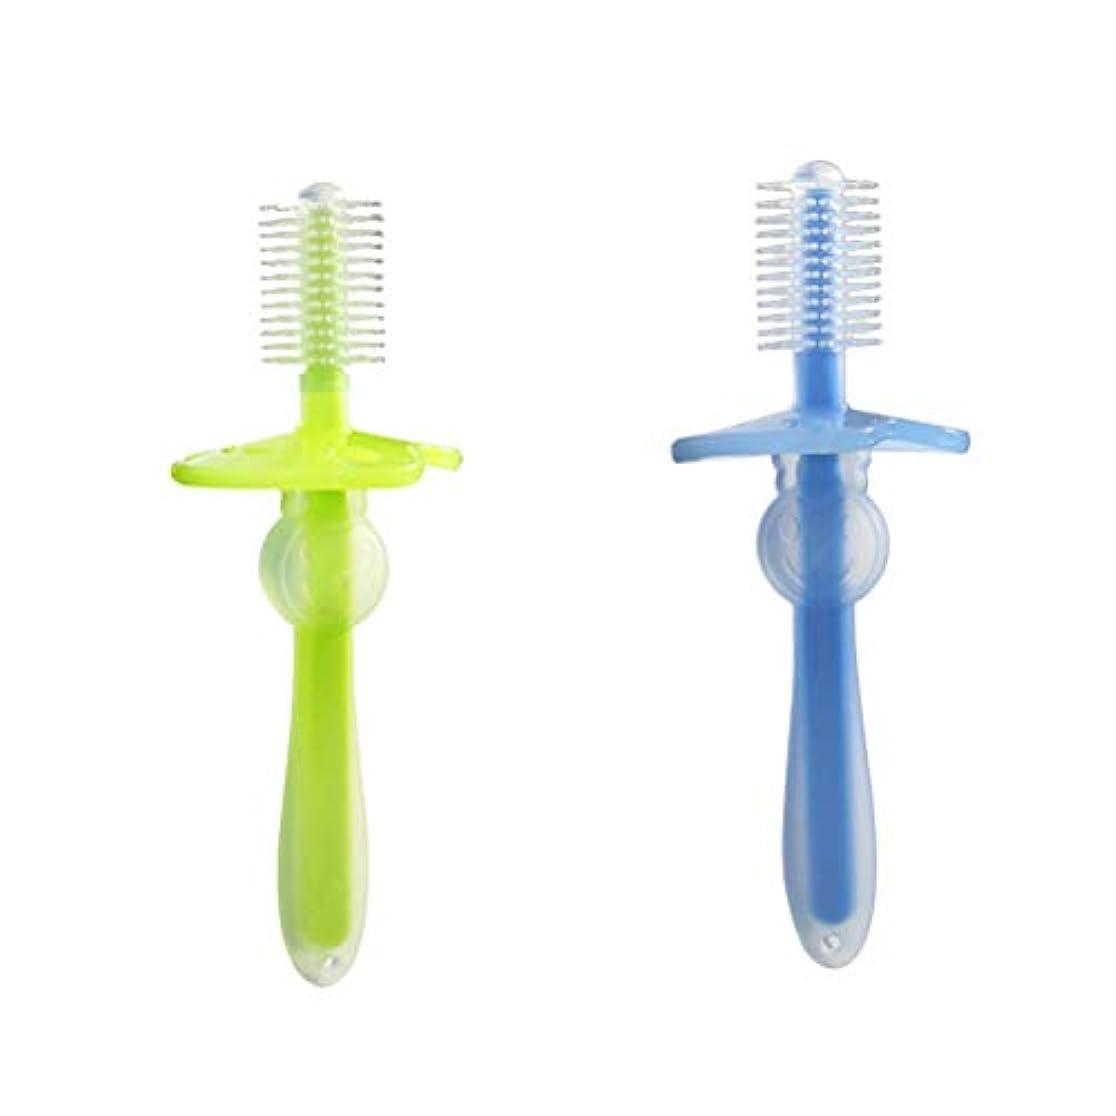 行列コンサート服を着るHealifty 歯ブラシ シリコン 360°ベビー歯ブラシ 幼児 柔軟なトレーニング歯ブラシ 2ピース(緑と青)